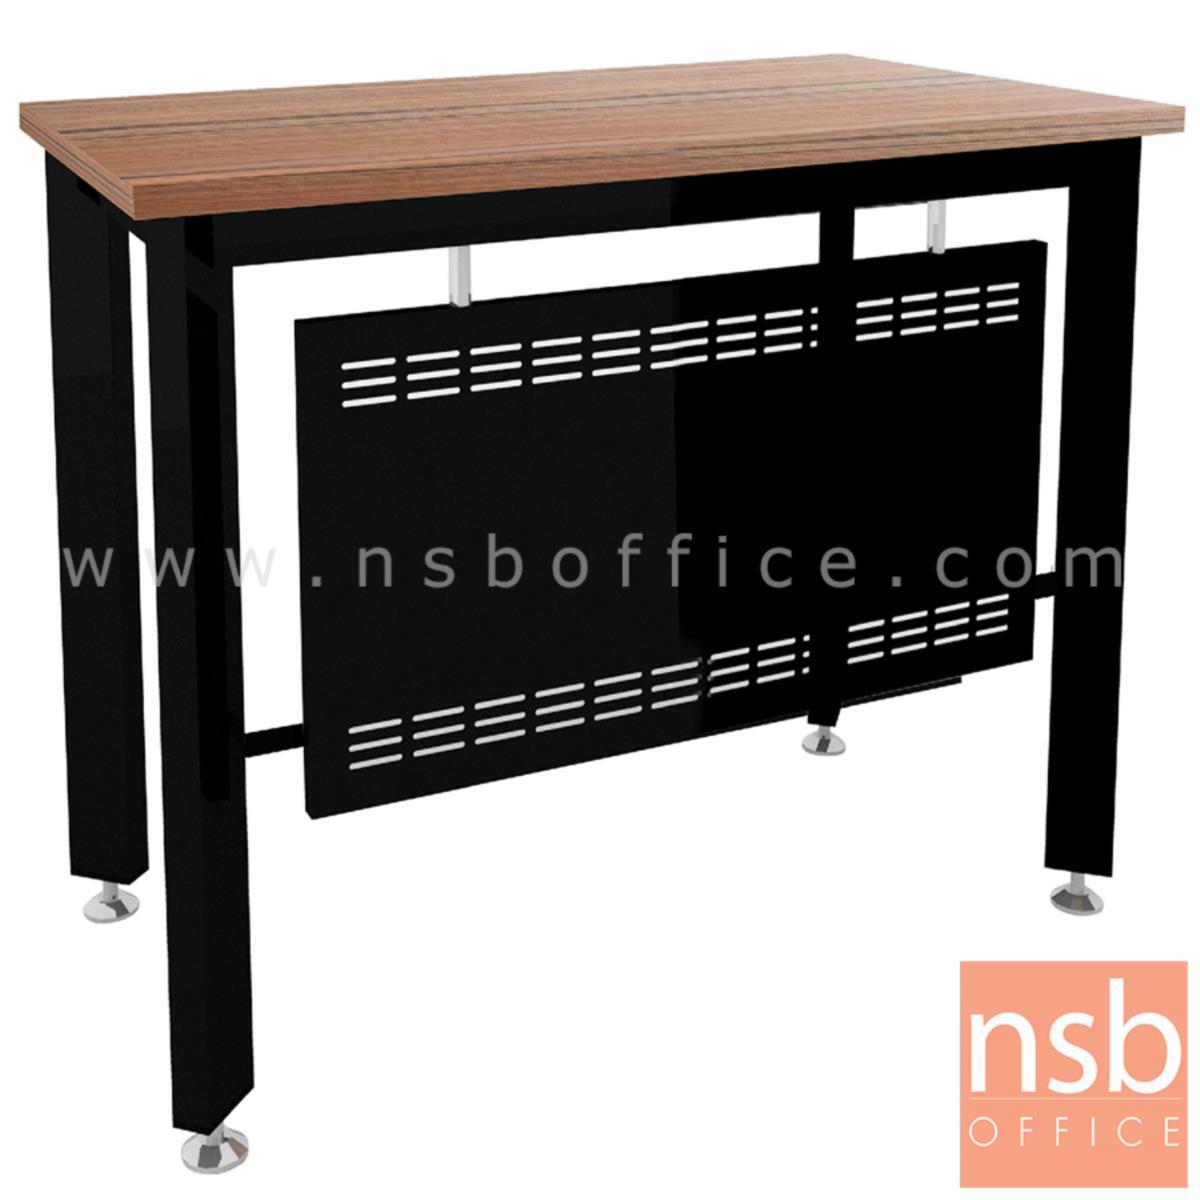 โต๊ะทำงาน  รุ่น Imperial (อิมพีเรียล) ขนาด 120W ,150W cm.  พร้อมบังตาเหล็ก สีวอลนัทตัดดำ